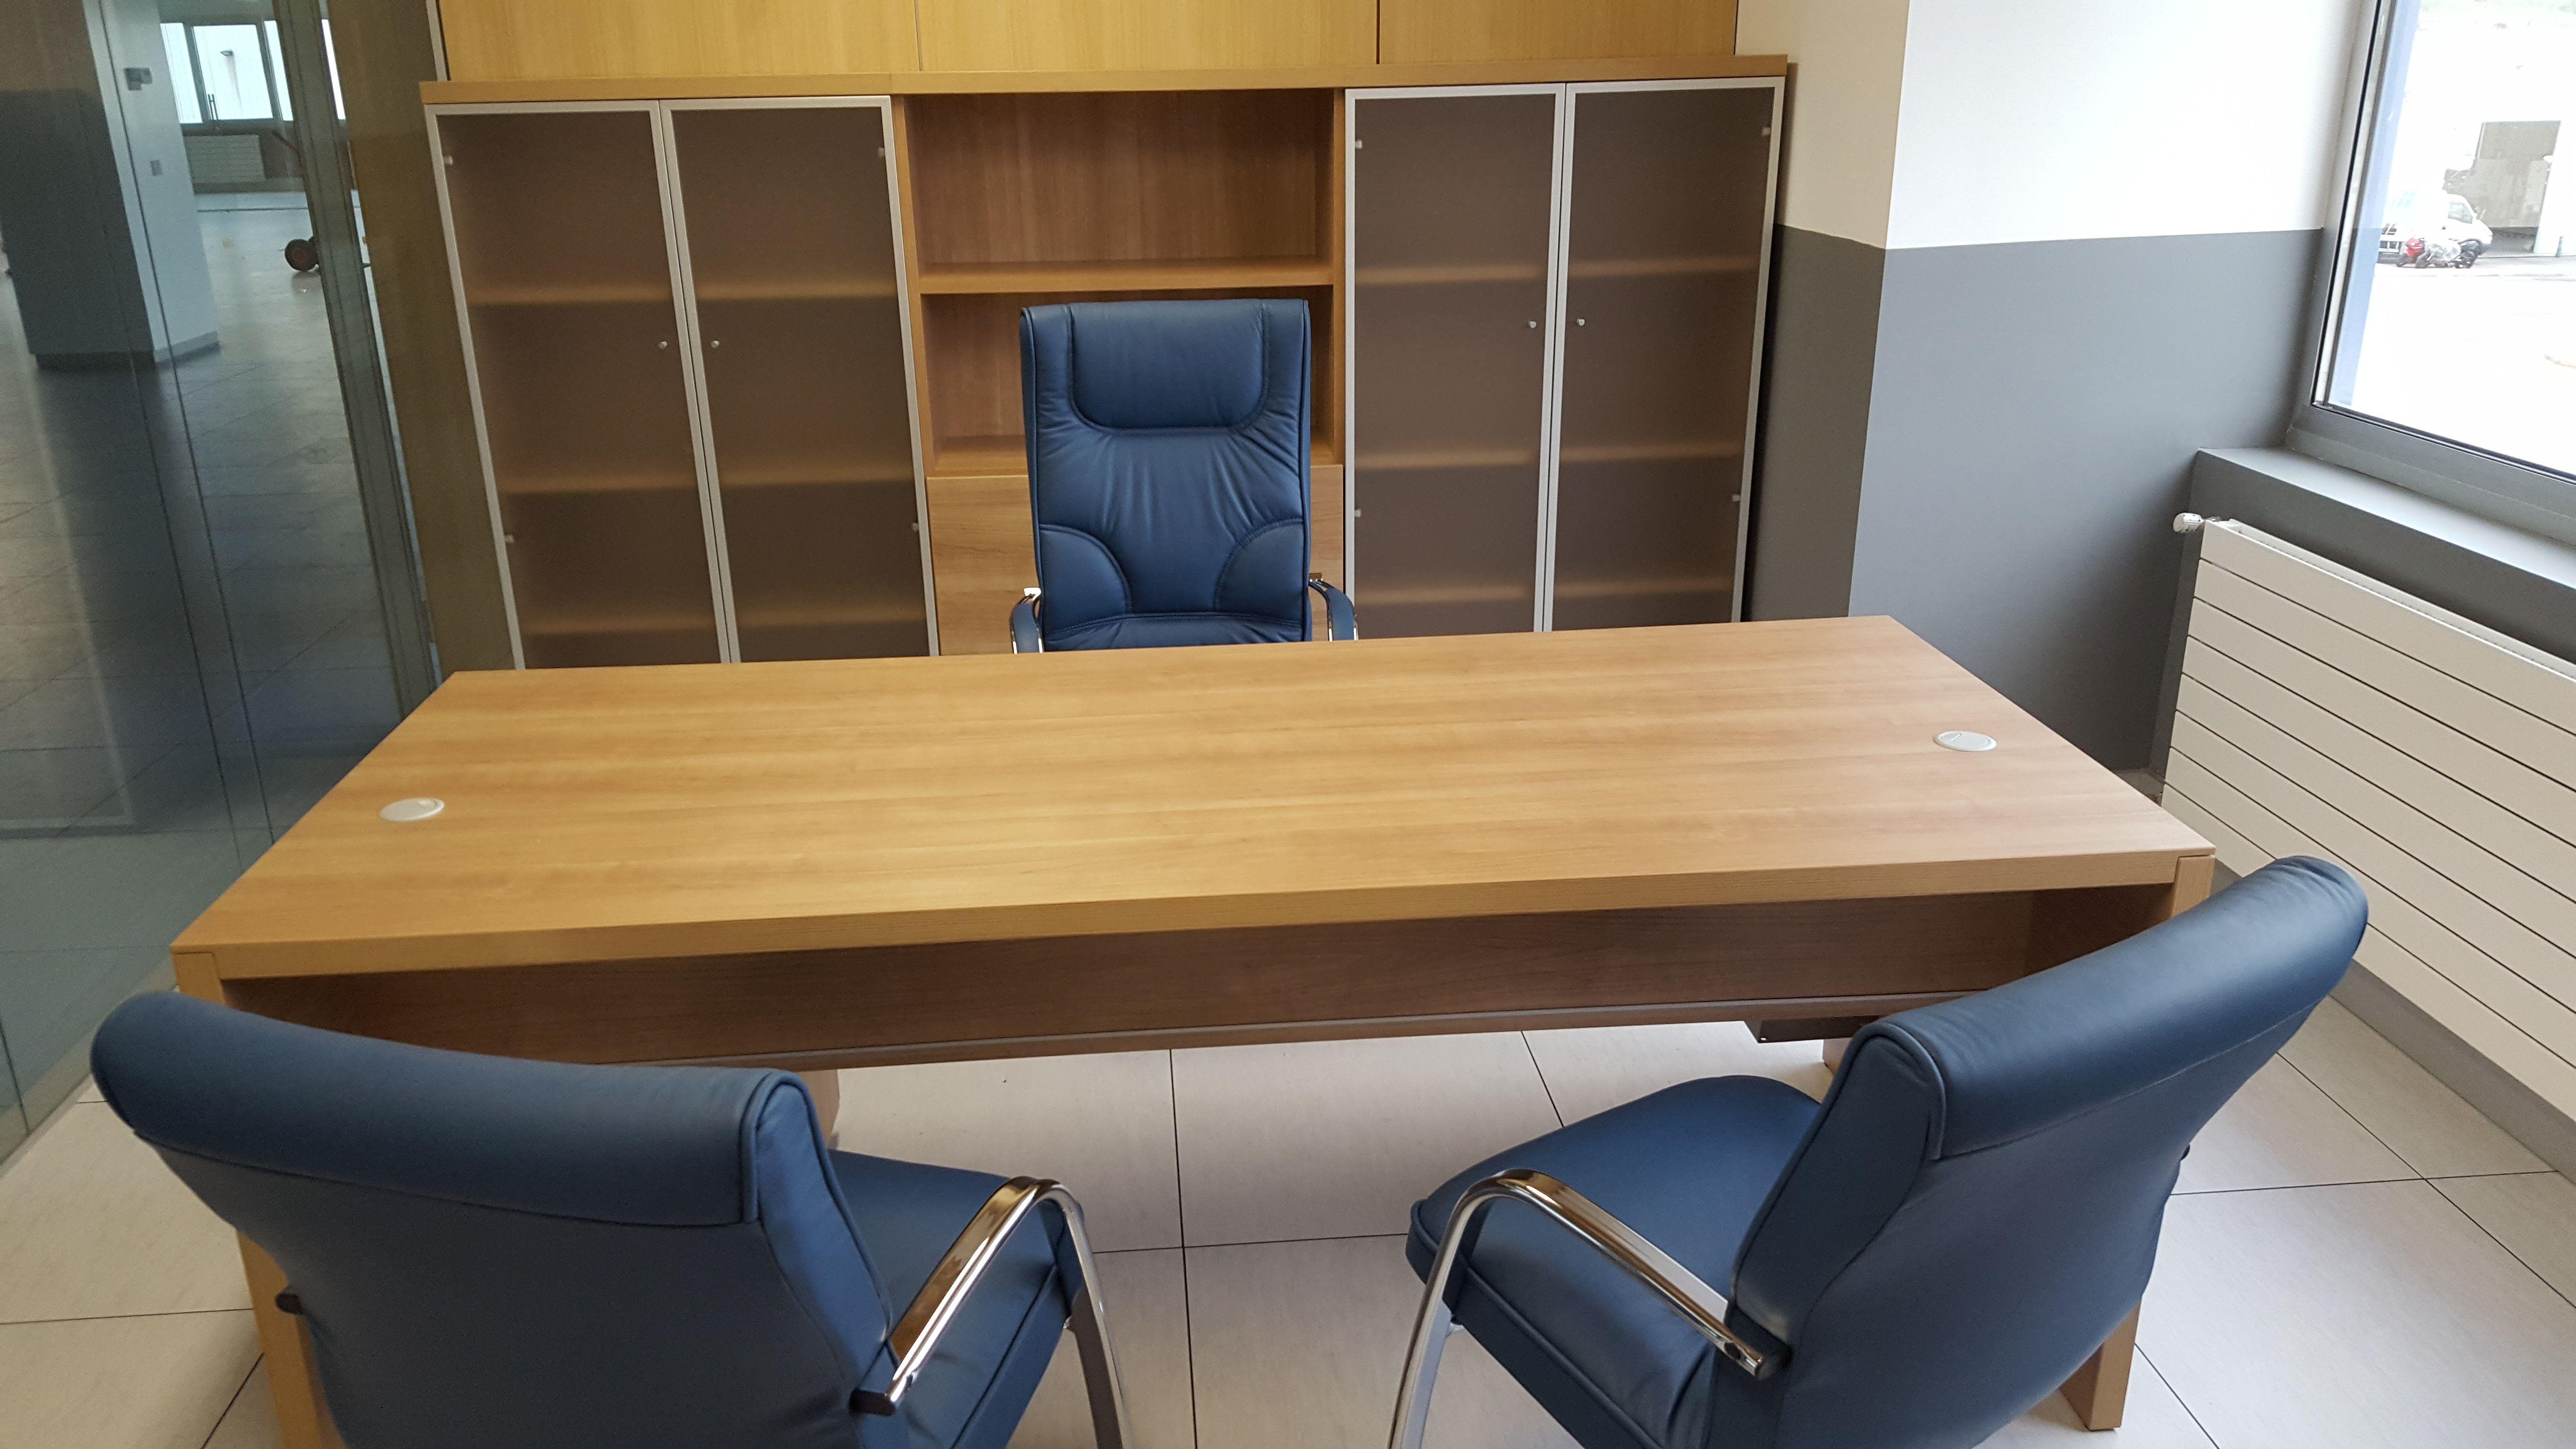 Asesoramiento y presupuesto sin compromiso en mobiliario de oficina